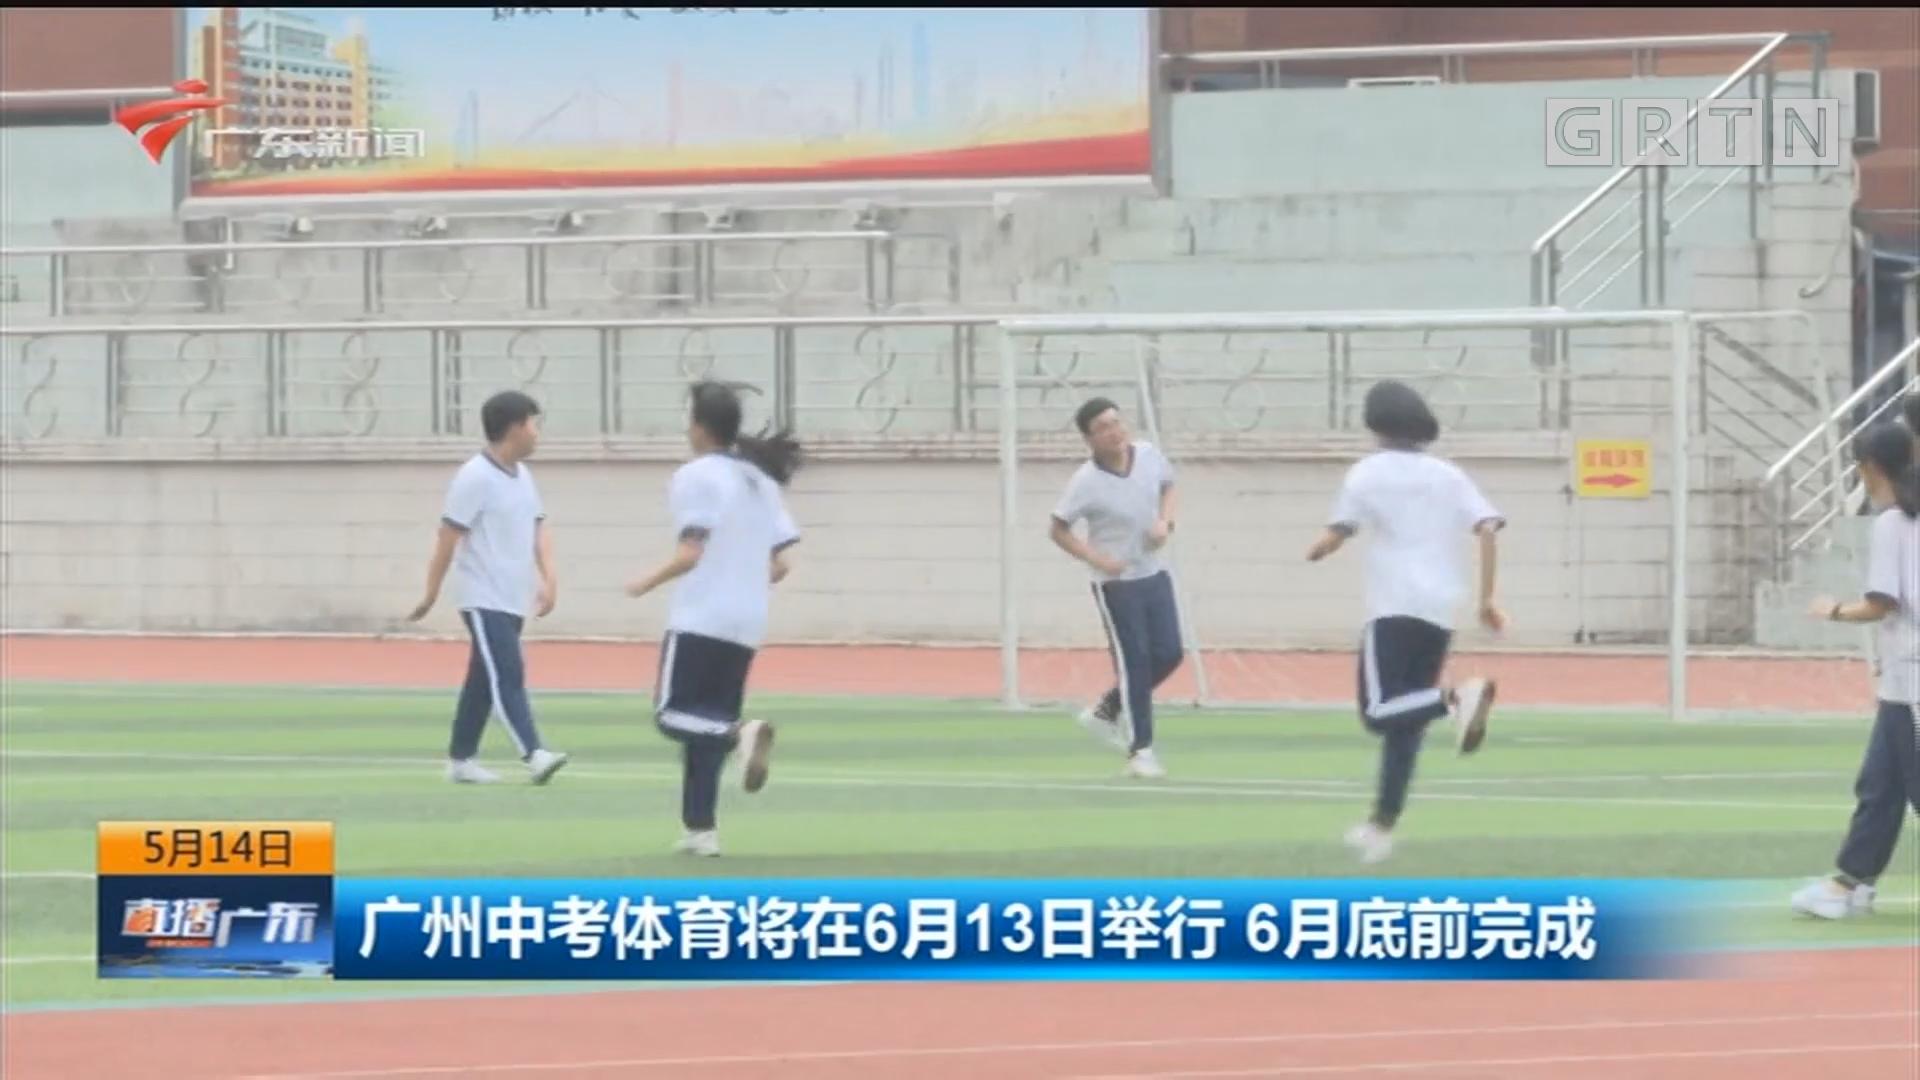 广州中考时间确定:7月24-26日进行